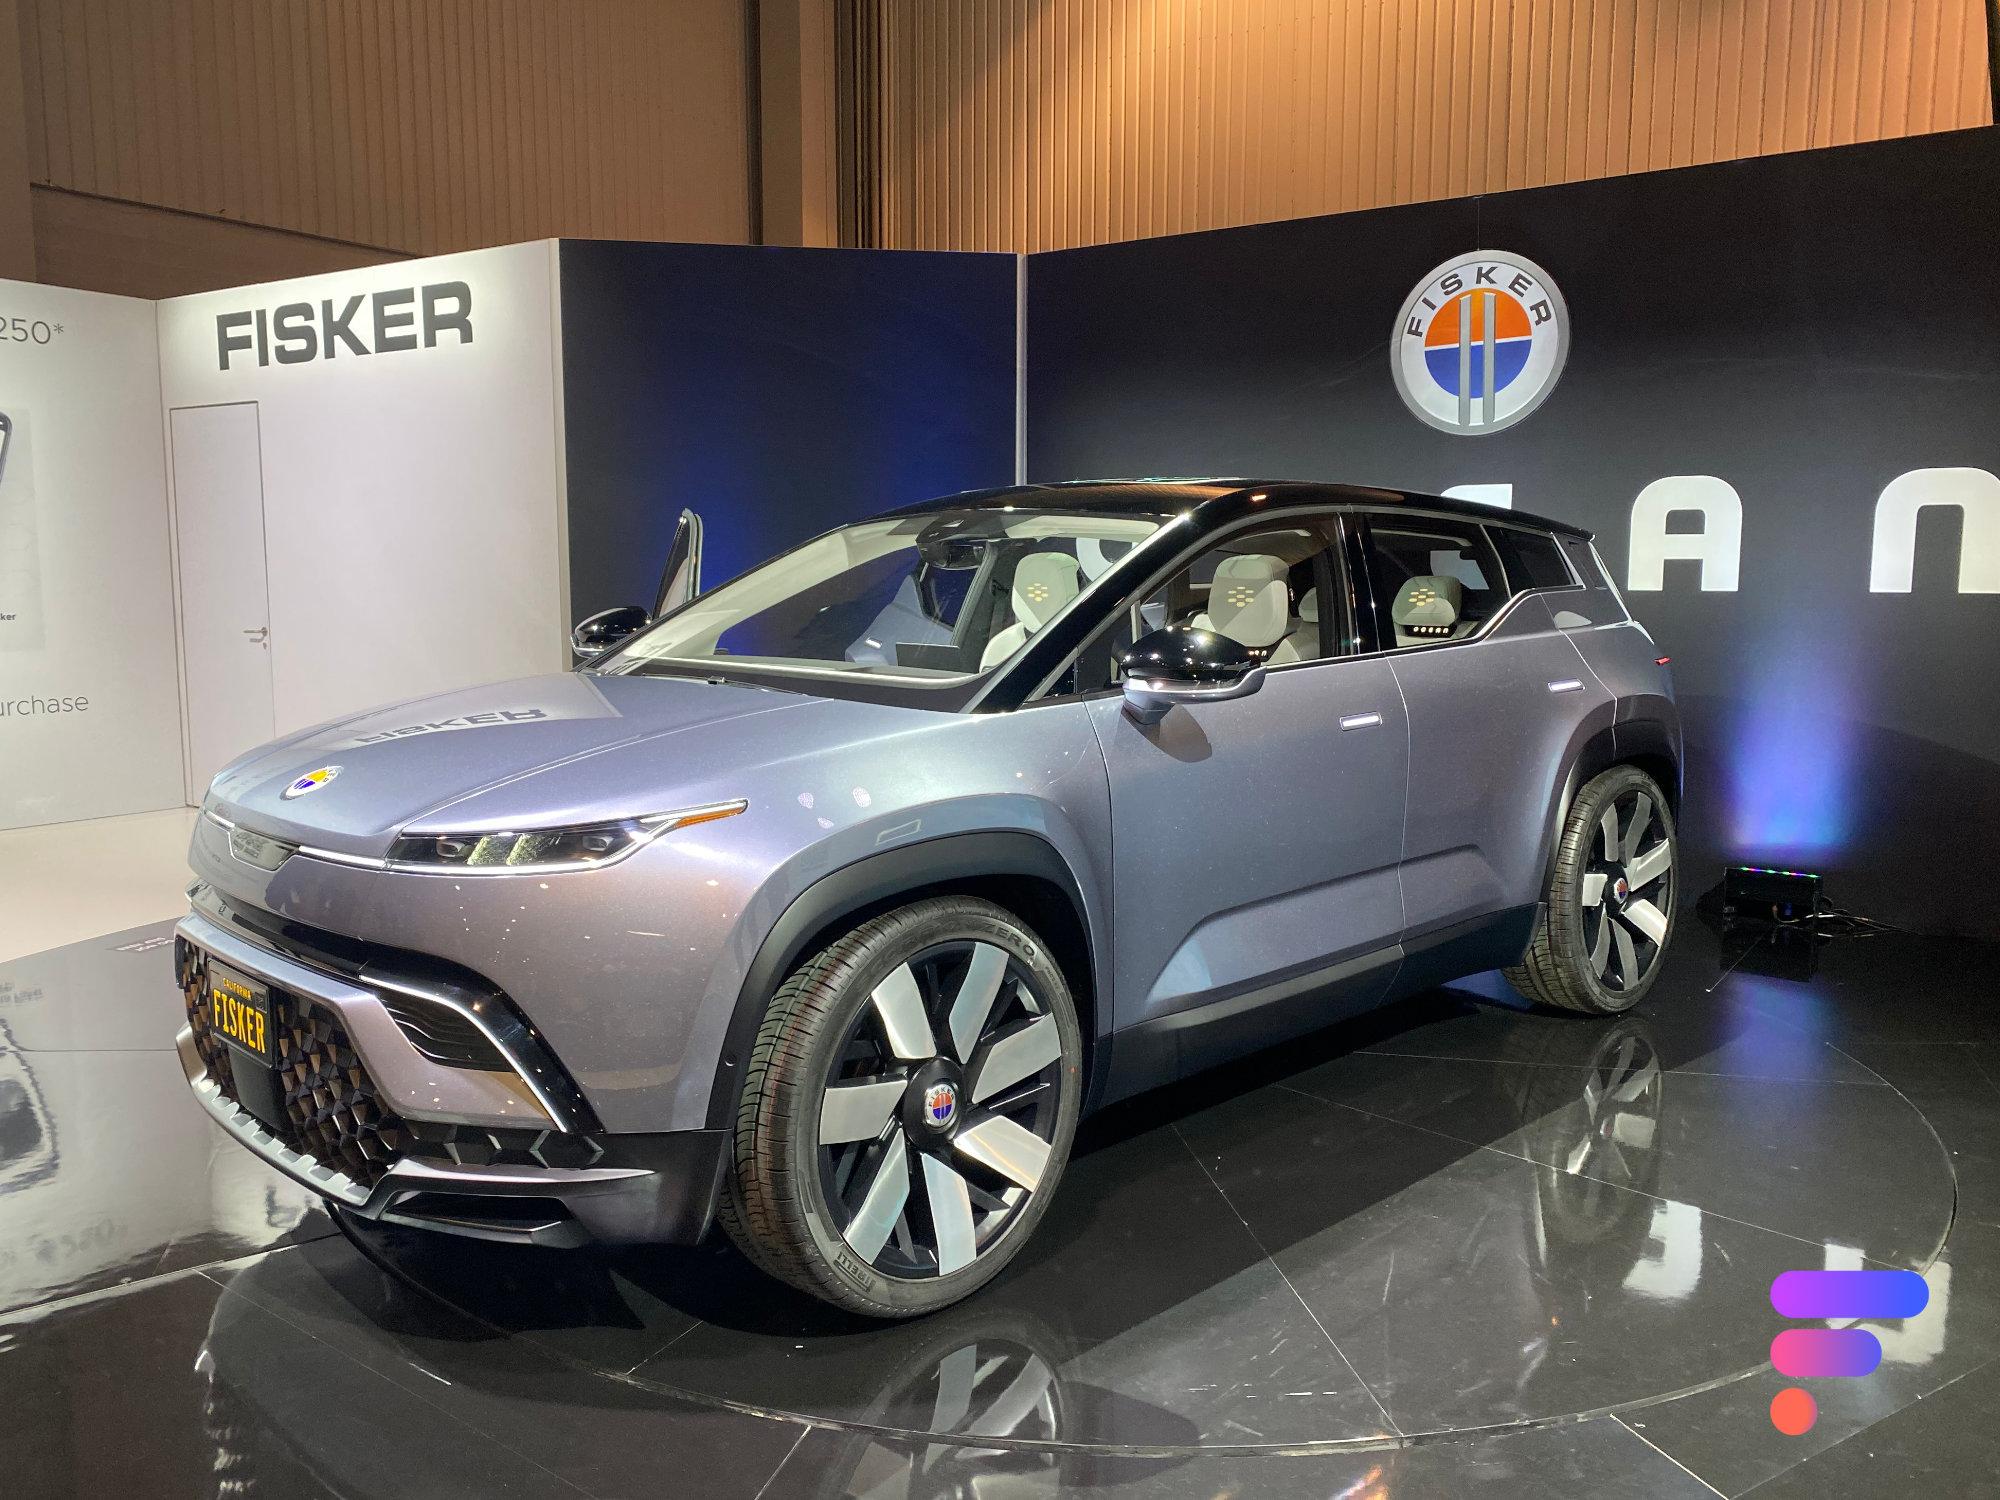 Aperçu du Fisker Ocean, le SUV électrique concurrent de la Tesla Model Y